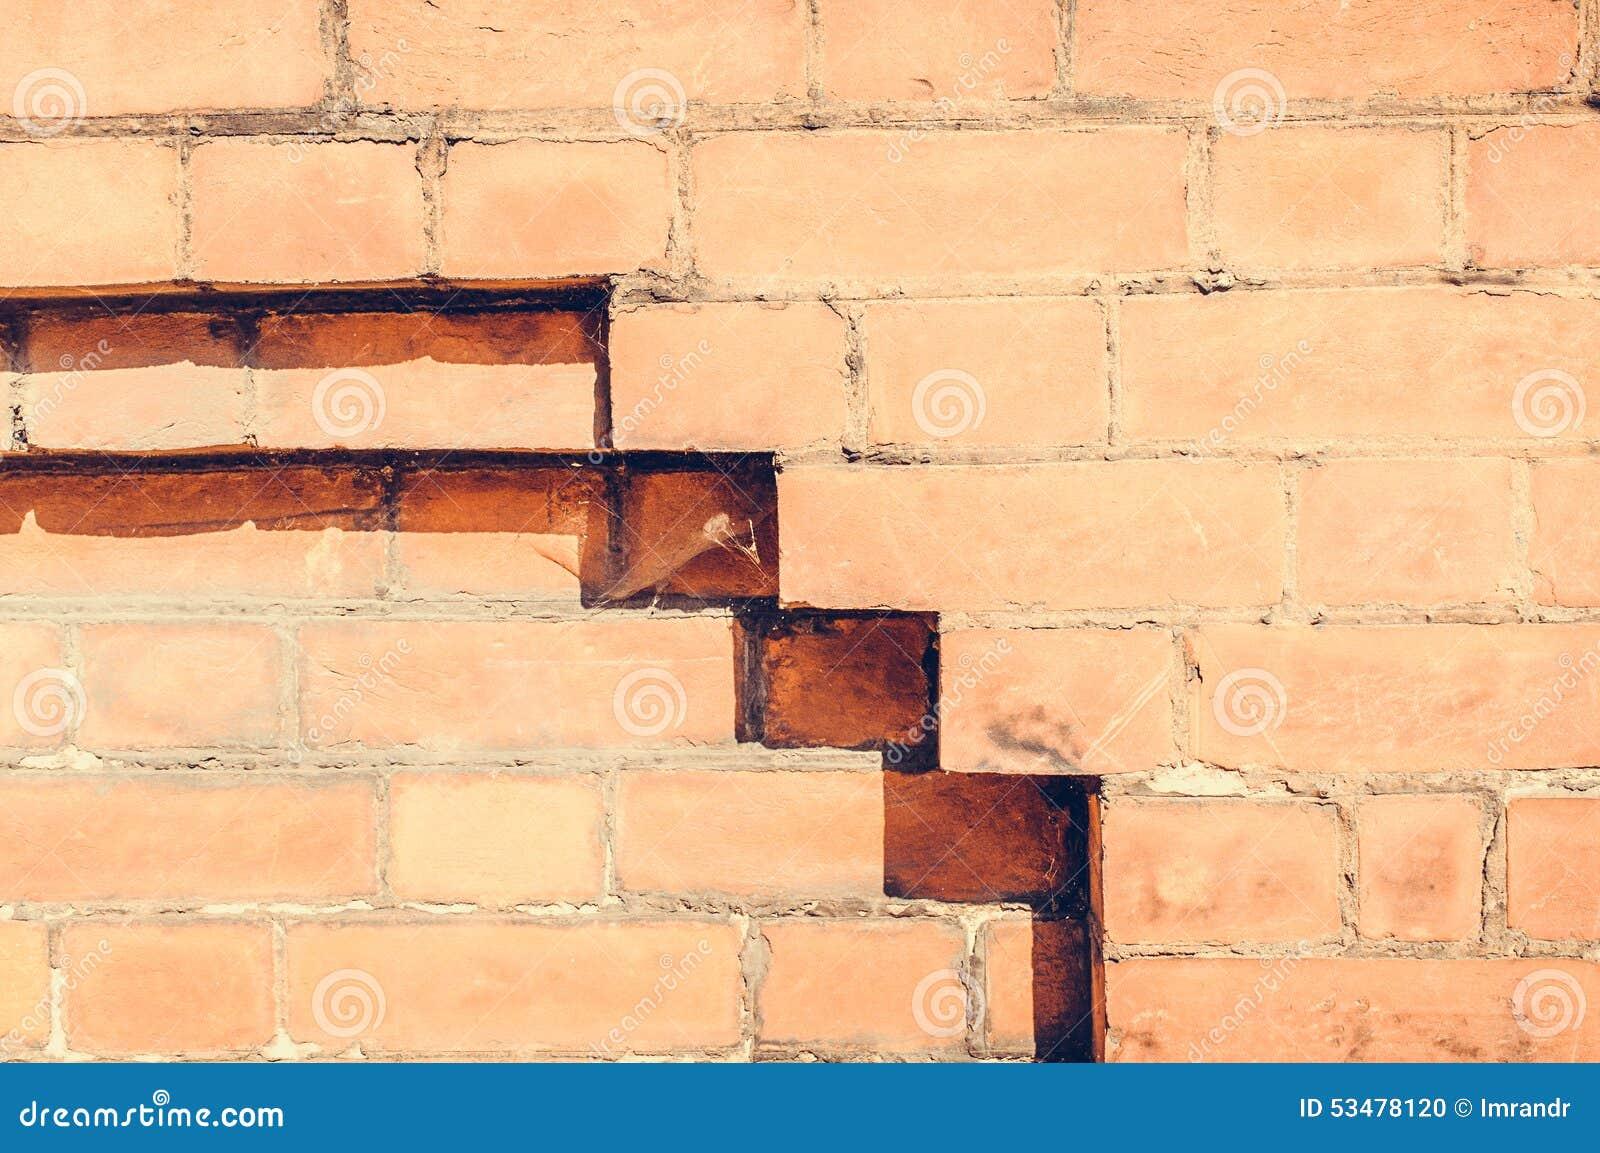 Hintergrund Der Alten Weinlesebacksteinmauer In Einem Muster Stockfoto   Bild von effekt ...